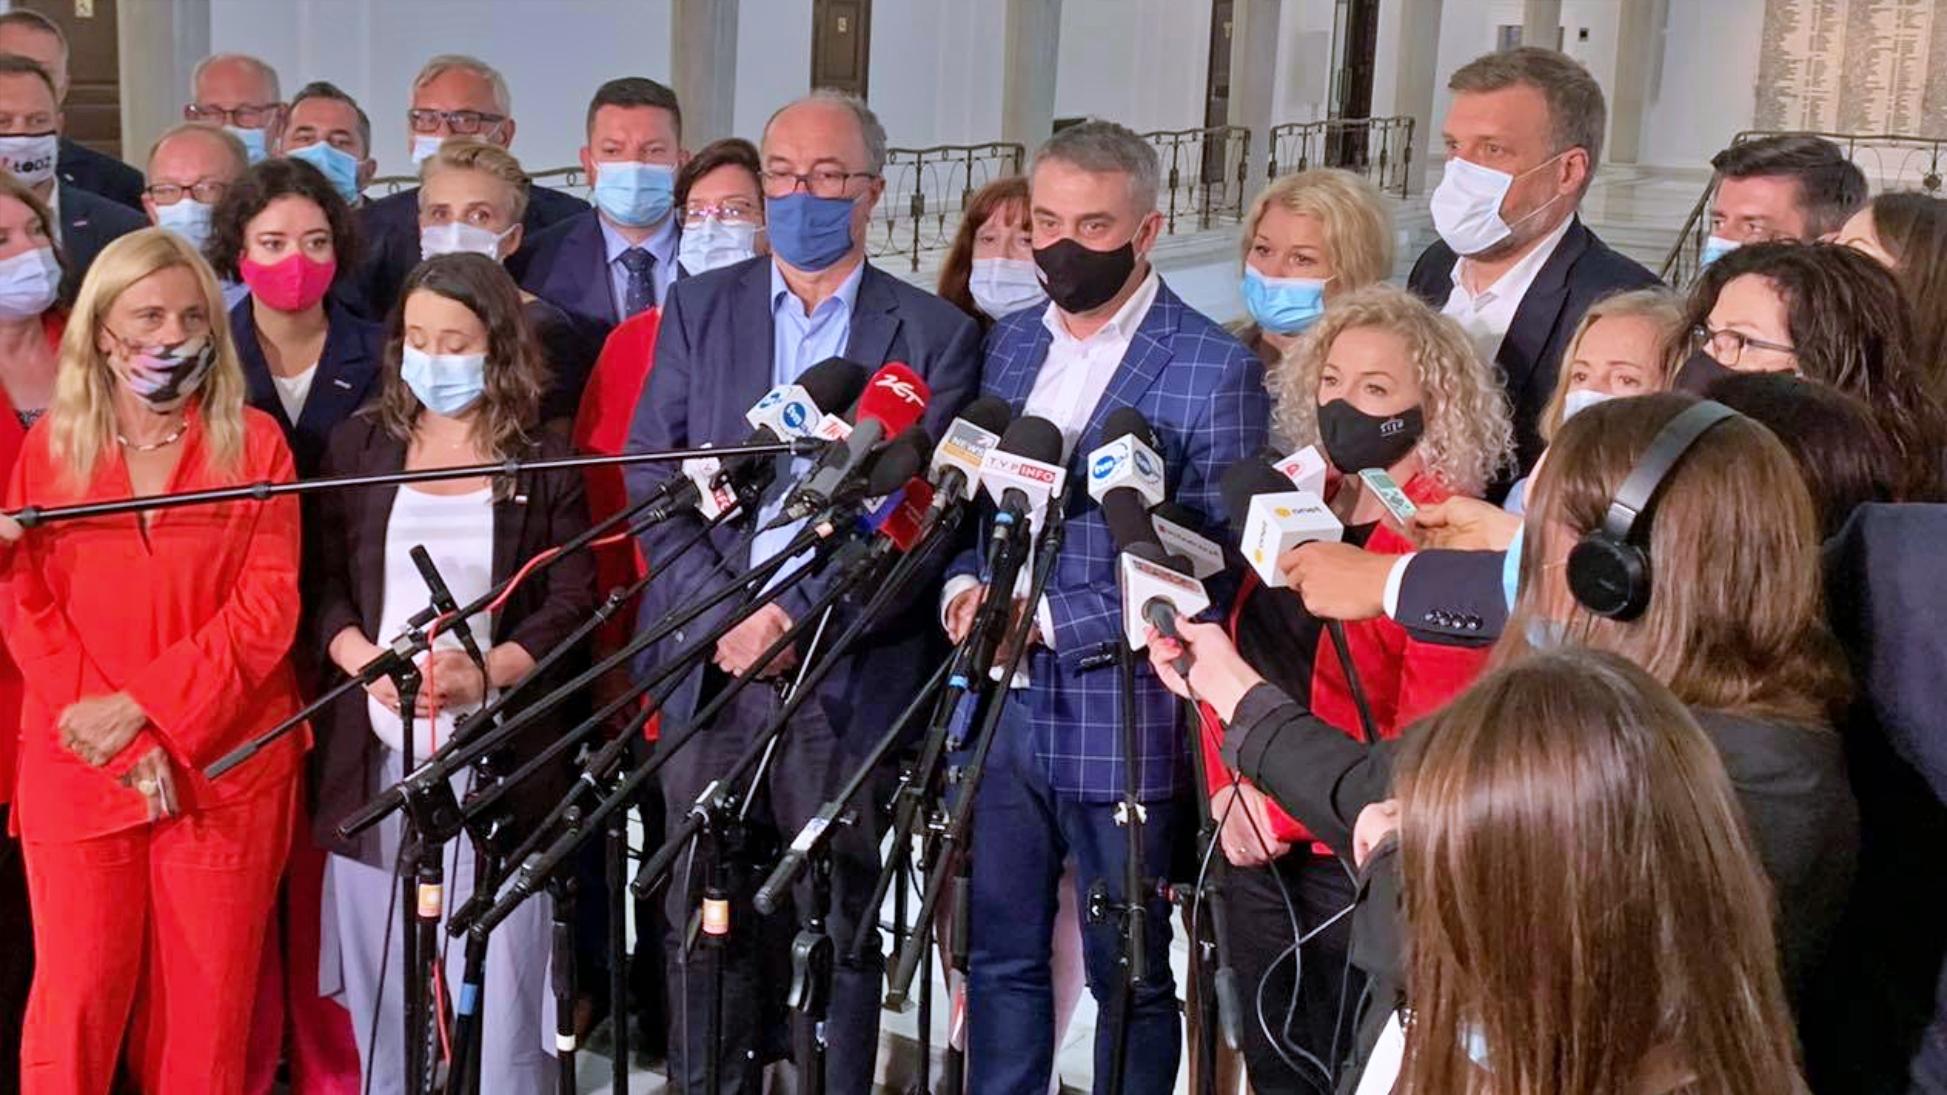 Gawkowski: W nocy rozmowy opozycji o wspólnym wniosku o odwołanie marszałek Witek